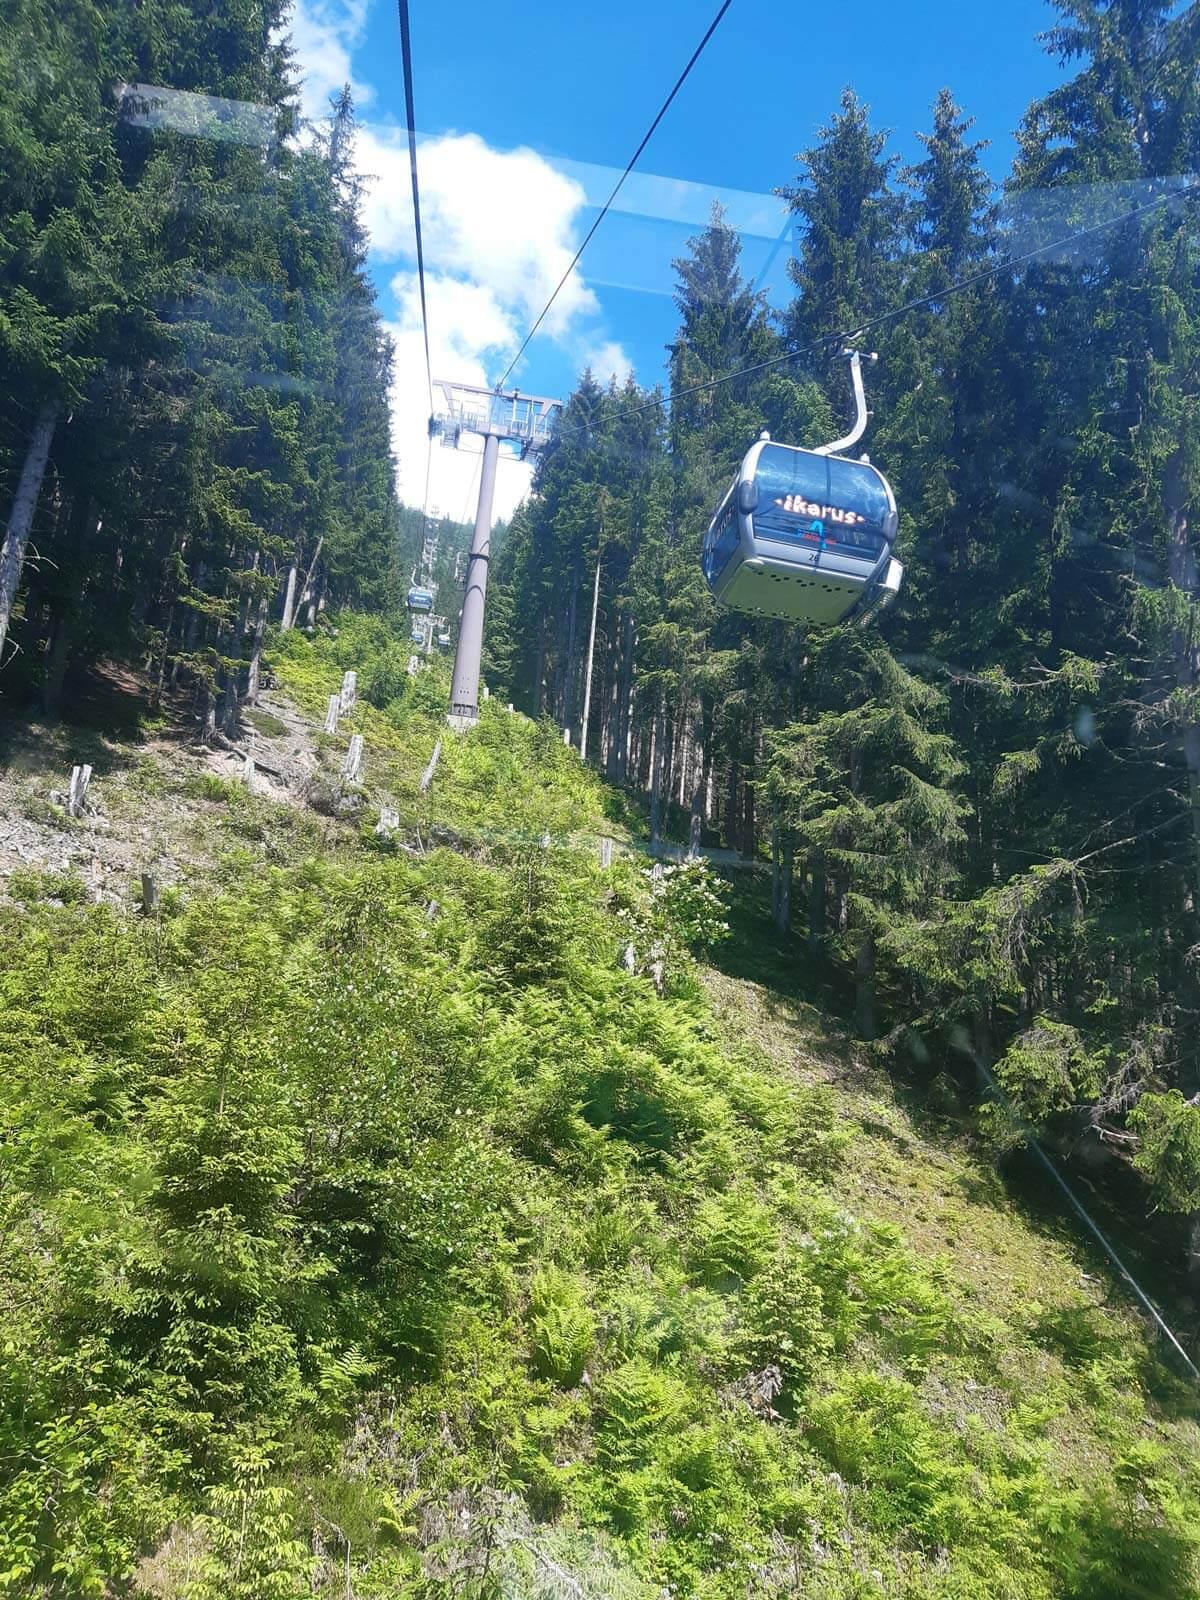 Bischlinghöhe mit Ikarusbahn